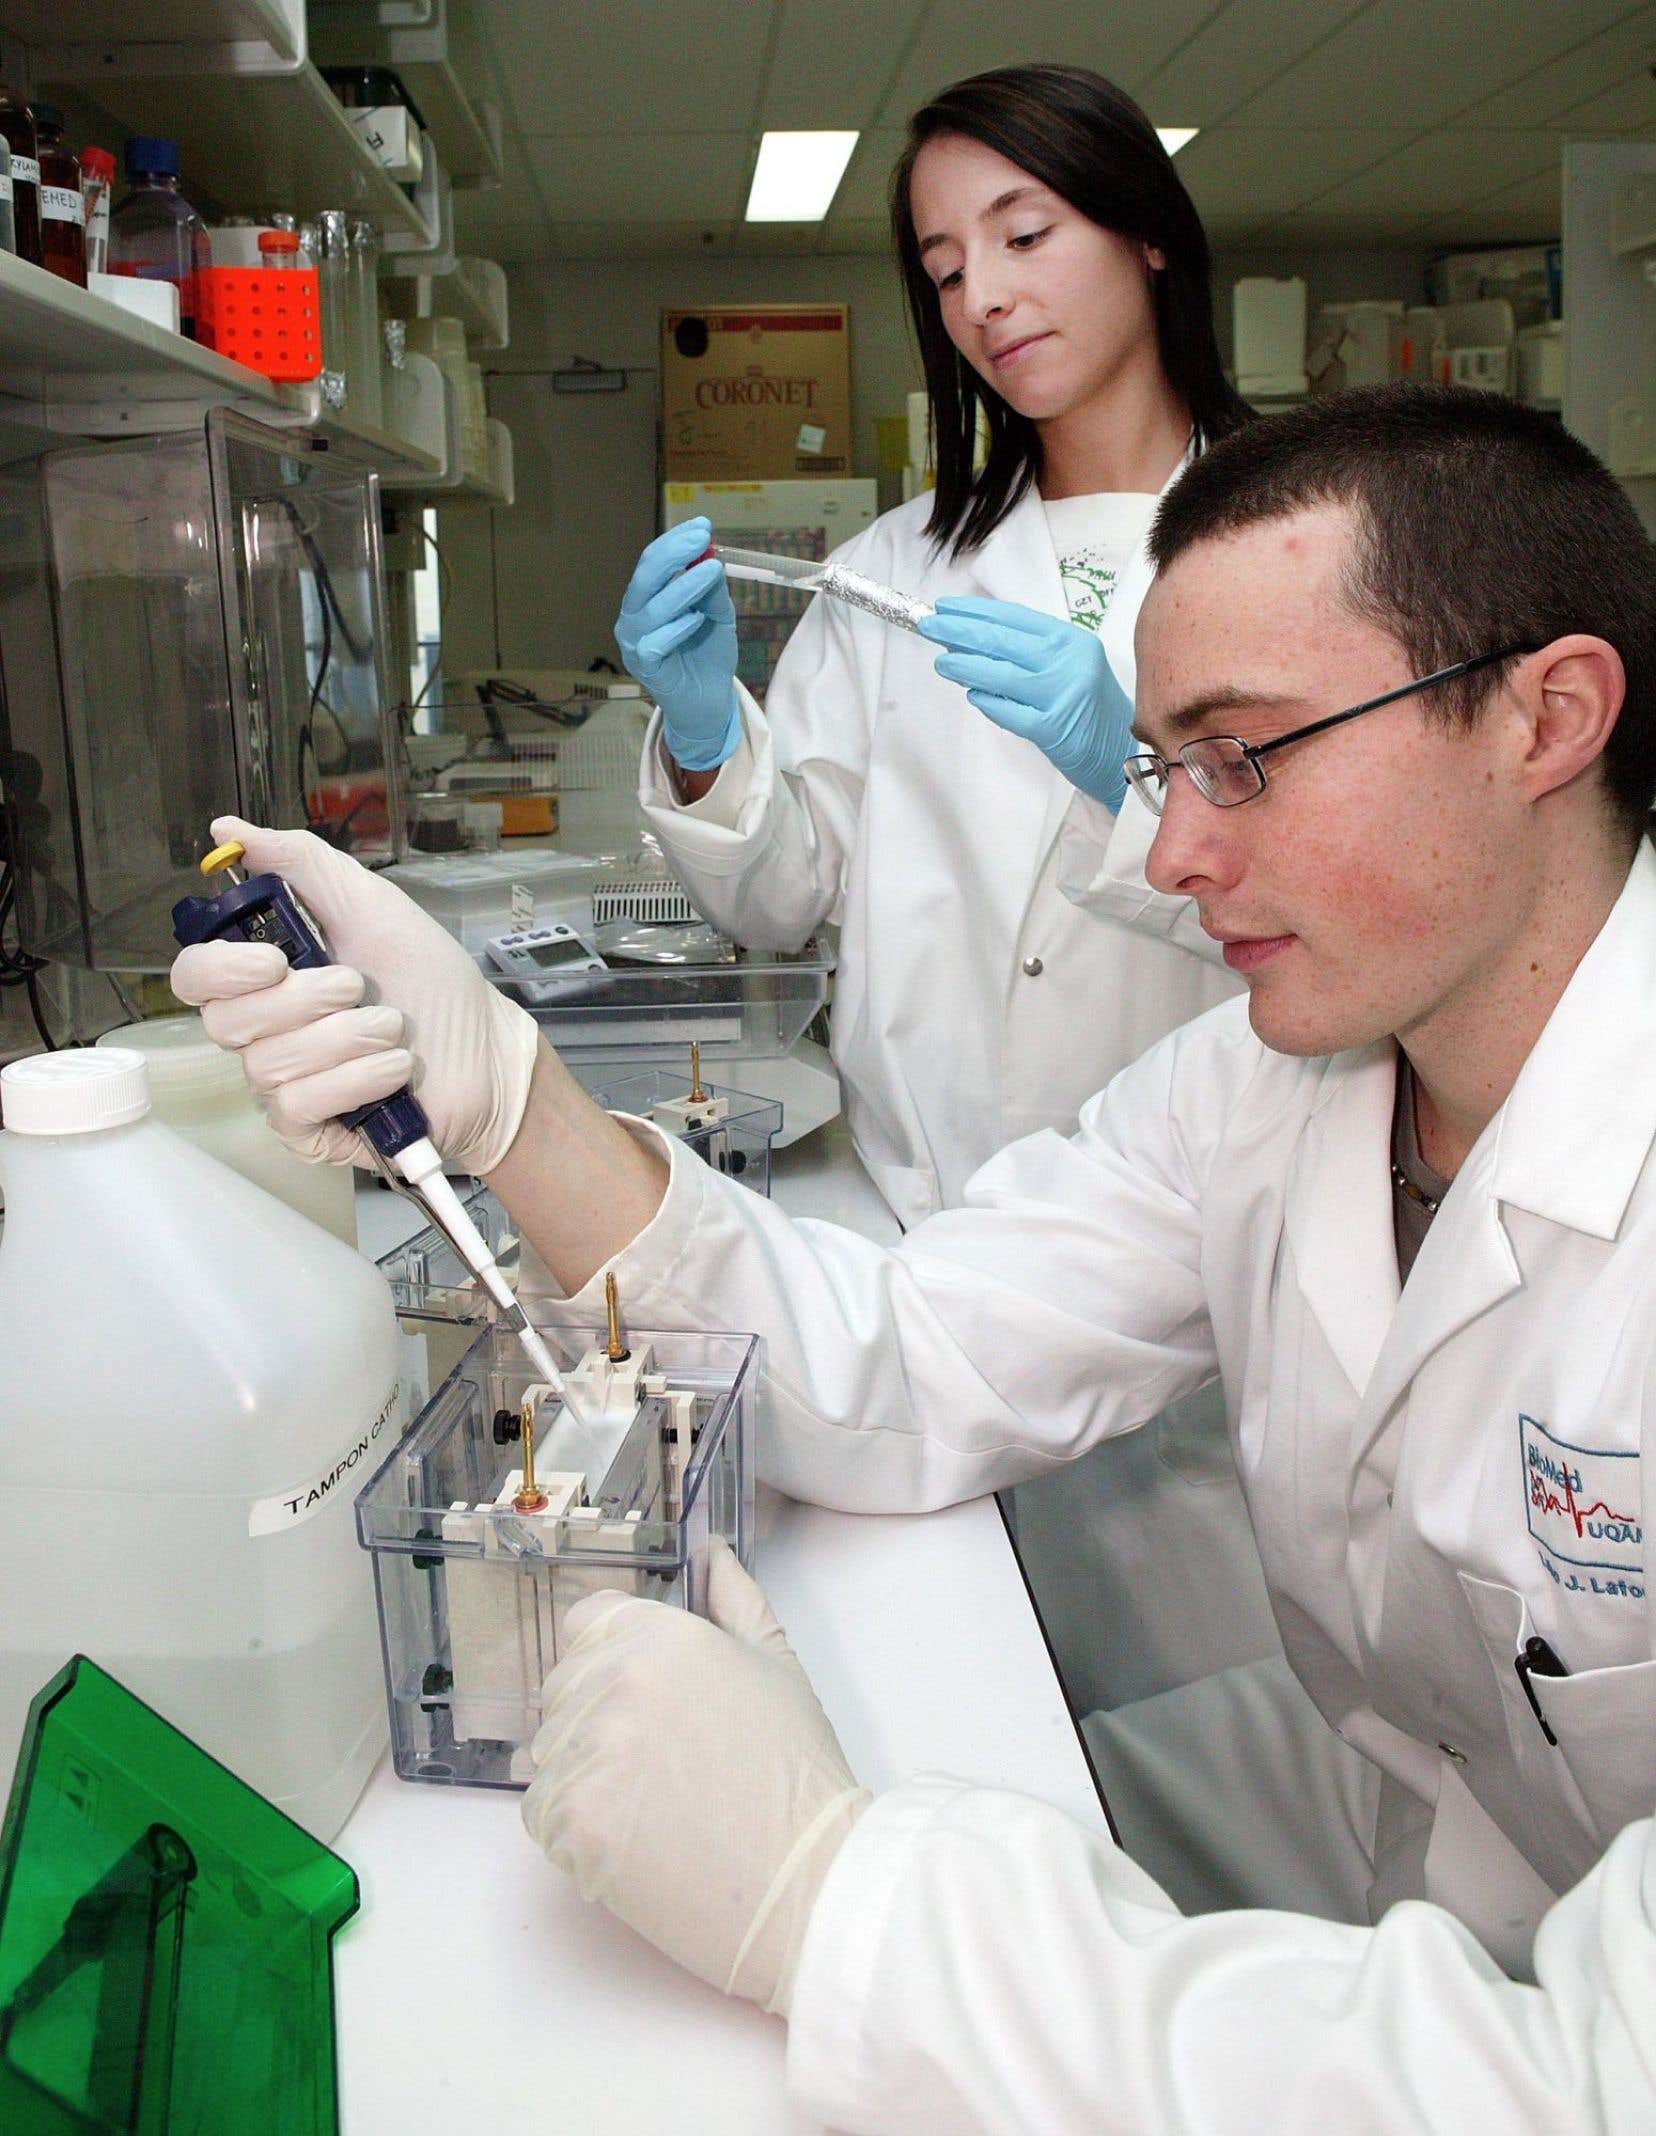 Le congrès de l'Acfas est souvent l'occasion pour les doctorants de présenter pour la première fois leur thèse de recherche auprès d'un public plus large que la communauté scientifique, notamment au moyen du volet Communications libres.